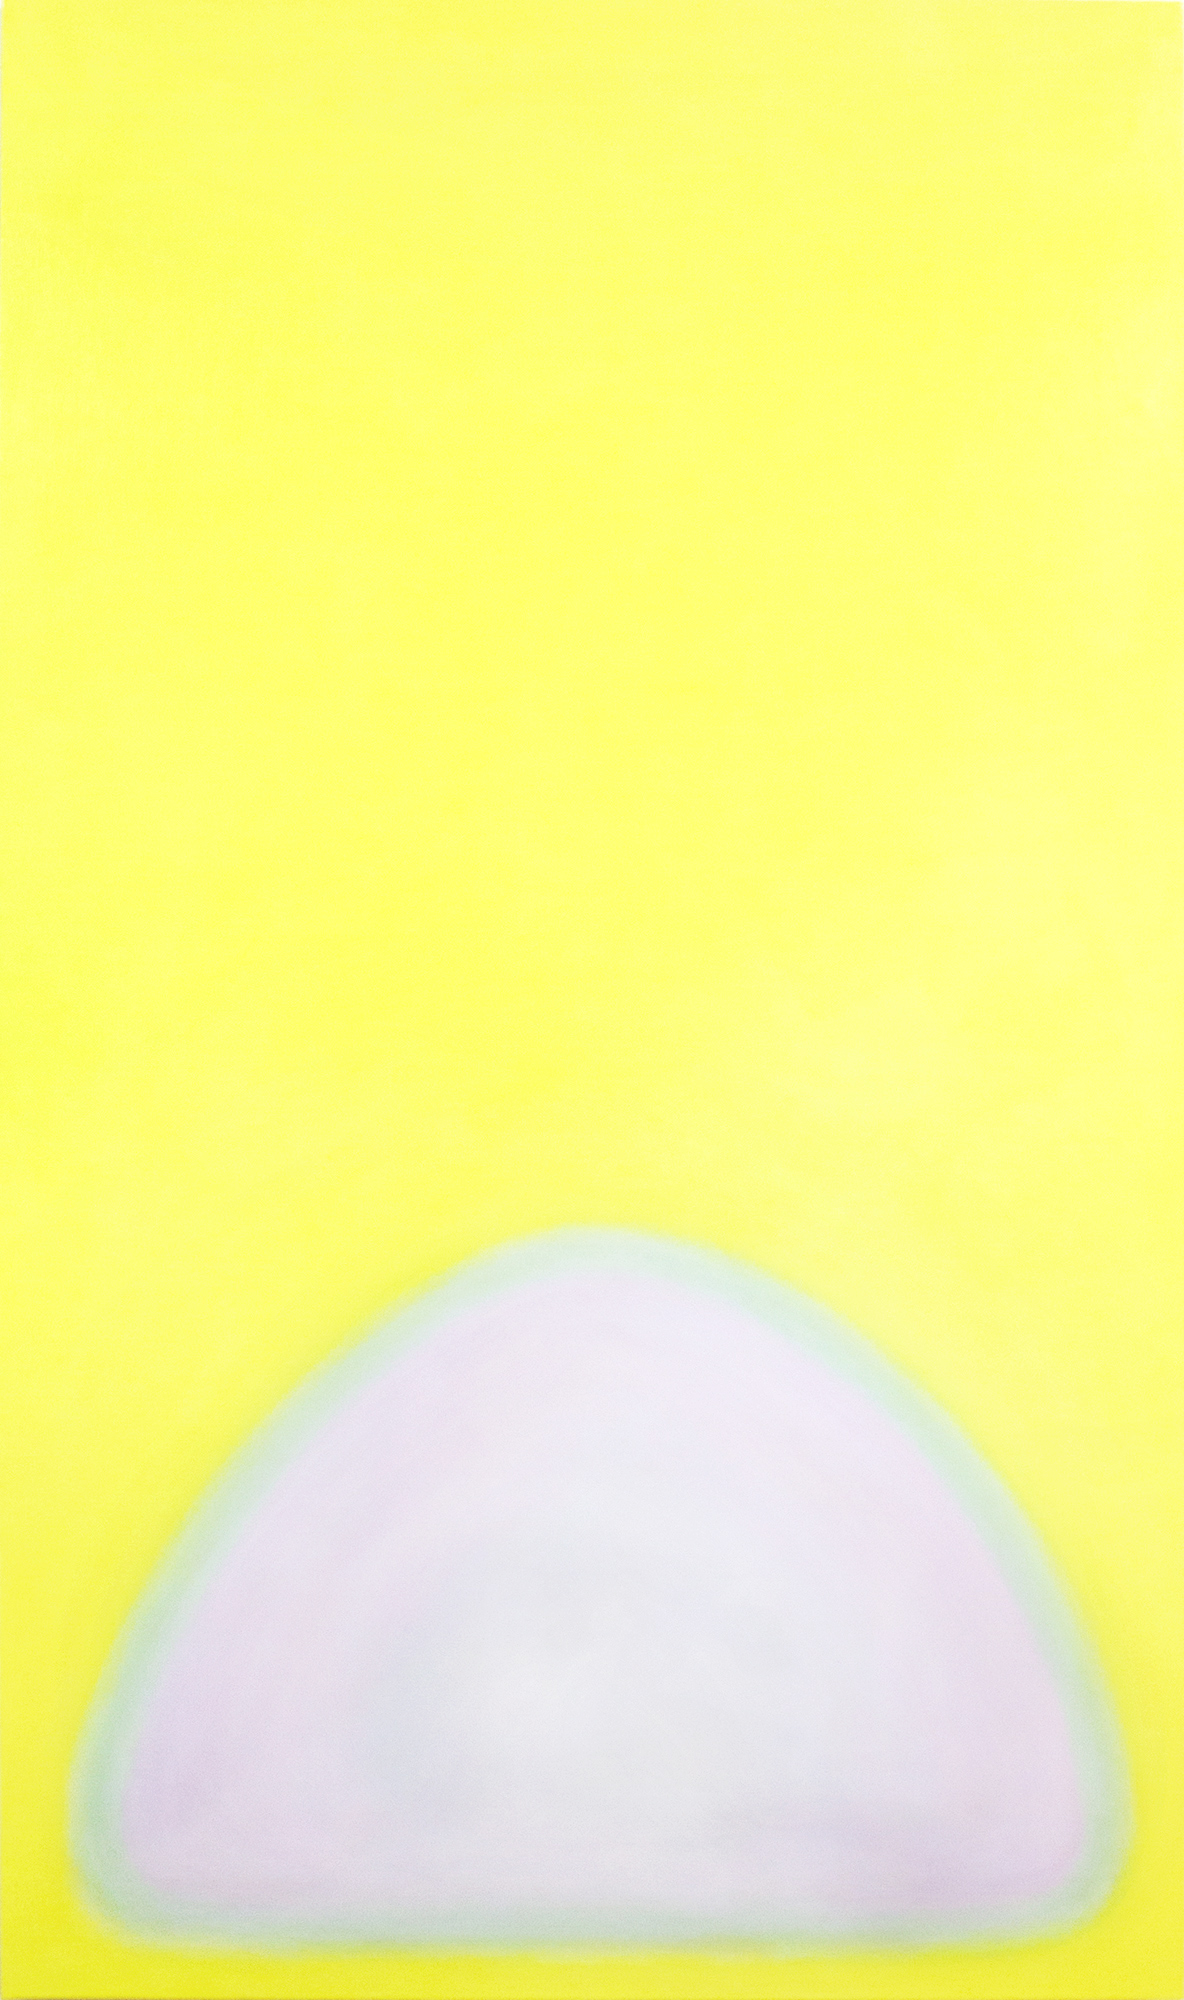 malerier, æstetiske, grafiske, minimalistiske, pop, surrealistiske, stemninger, hvide, gule, akryl,  bomuldslærred, abstrakte-former, atmosfære, konceptuel, interiør, bolig-indretning, moderne, moderne-kunst, symbolsk, symmetri, Køb original kunst og kunstplakater. Malerier, tegninger, limited edition kunsttryk & plakater af dygtige kunstnere.